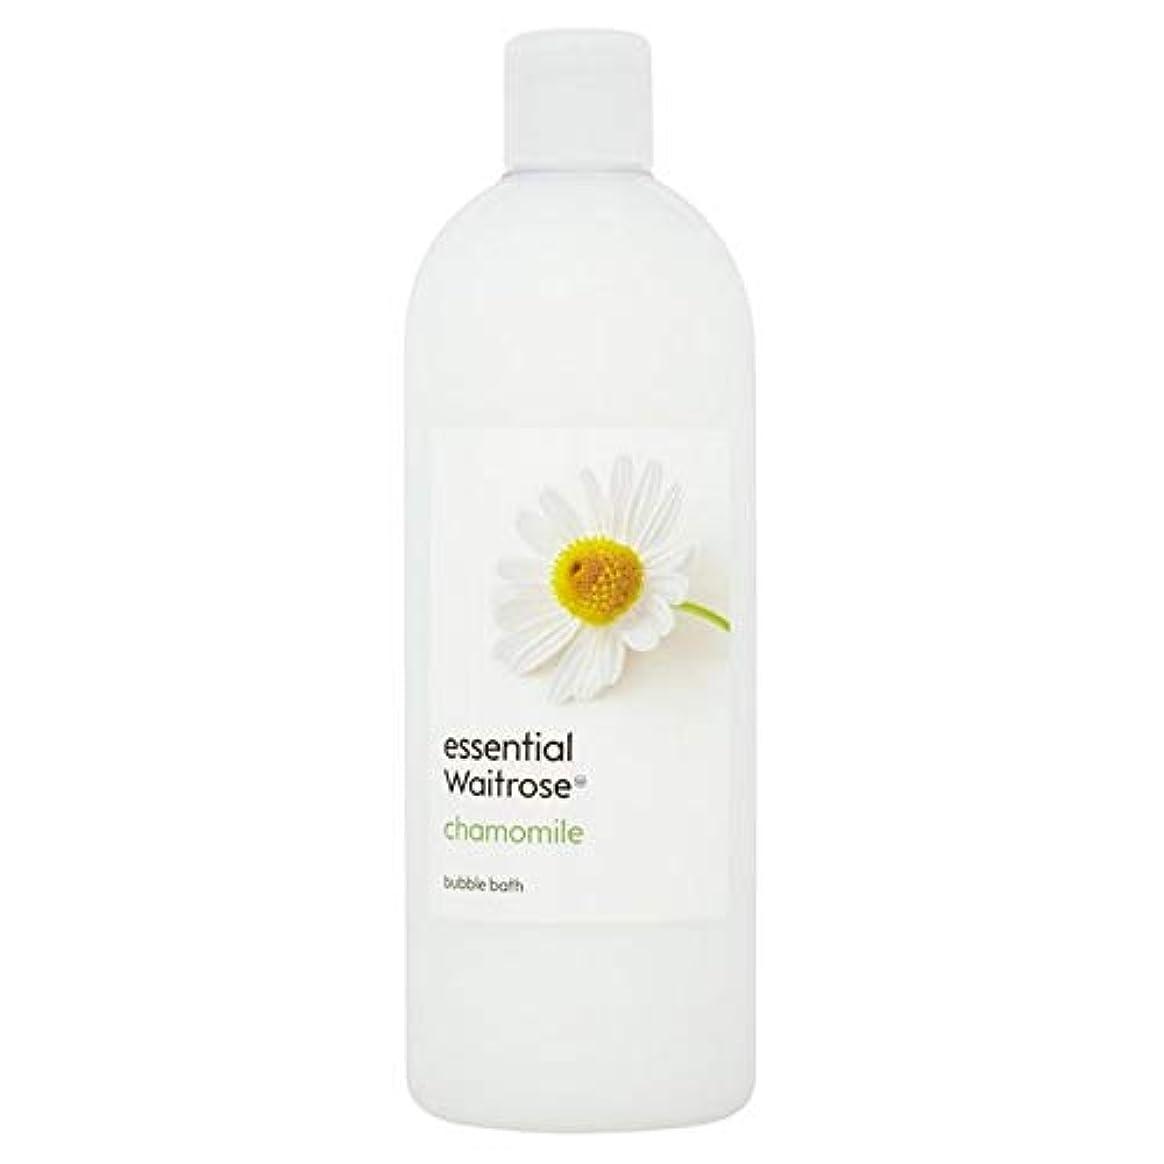 封筒電気陽性背骨[Waitrose ] 基本的なウェイトローズ泡風呂のカモミール750ミリリットル - Essential Waitrose Bubble Bath Chamomile 750ml [並行輸入品]